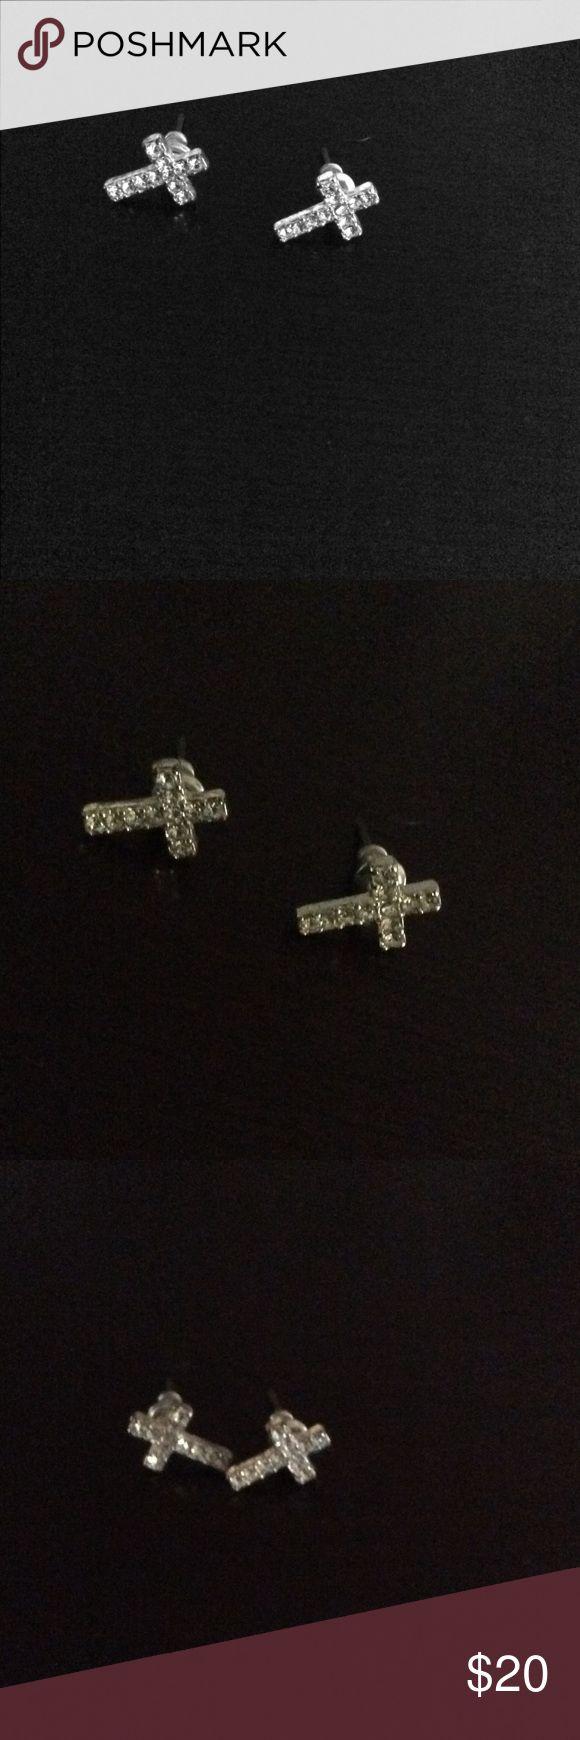 Beautiful diamond cross earrings Beautiful diamond cross earrings. Silver and cubic zirconia or simulated diamond. jcpenney Jewelry Earrings